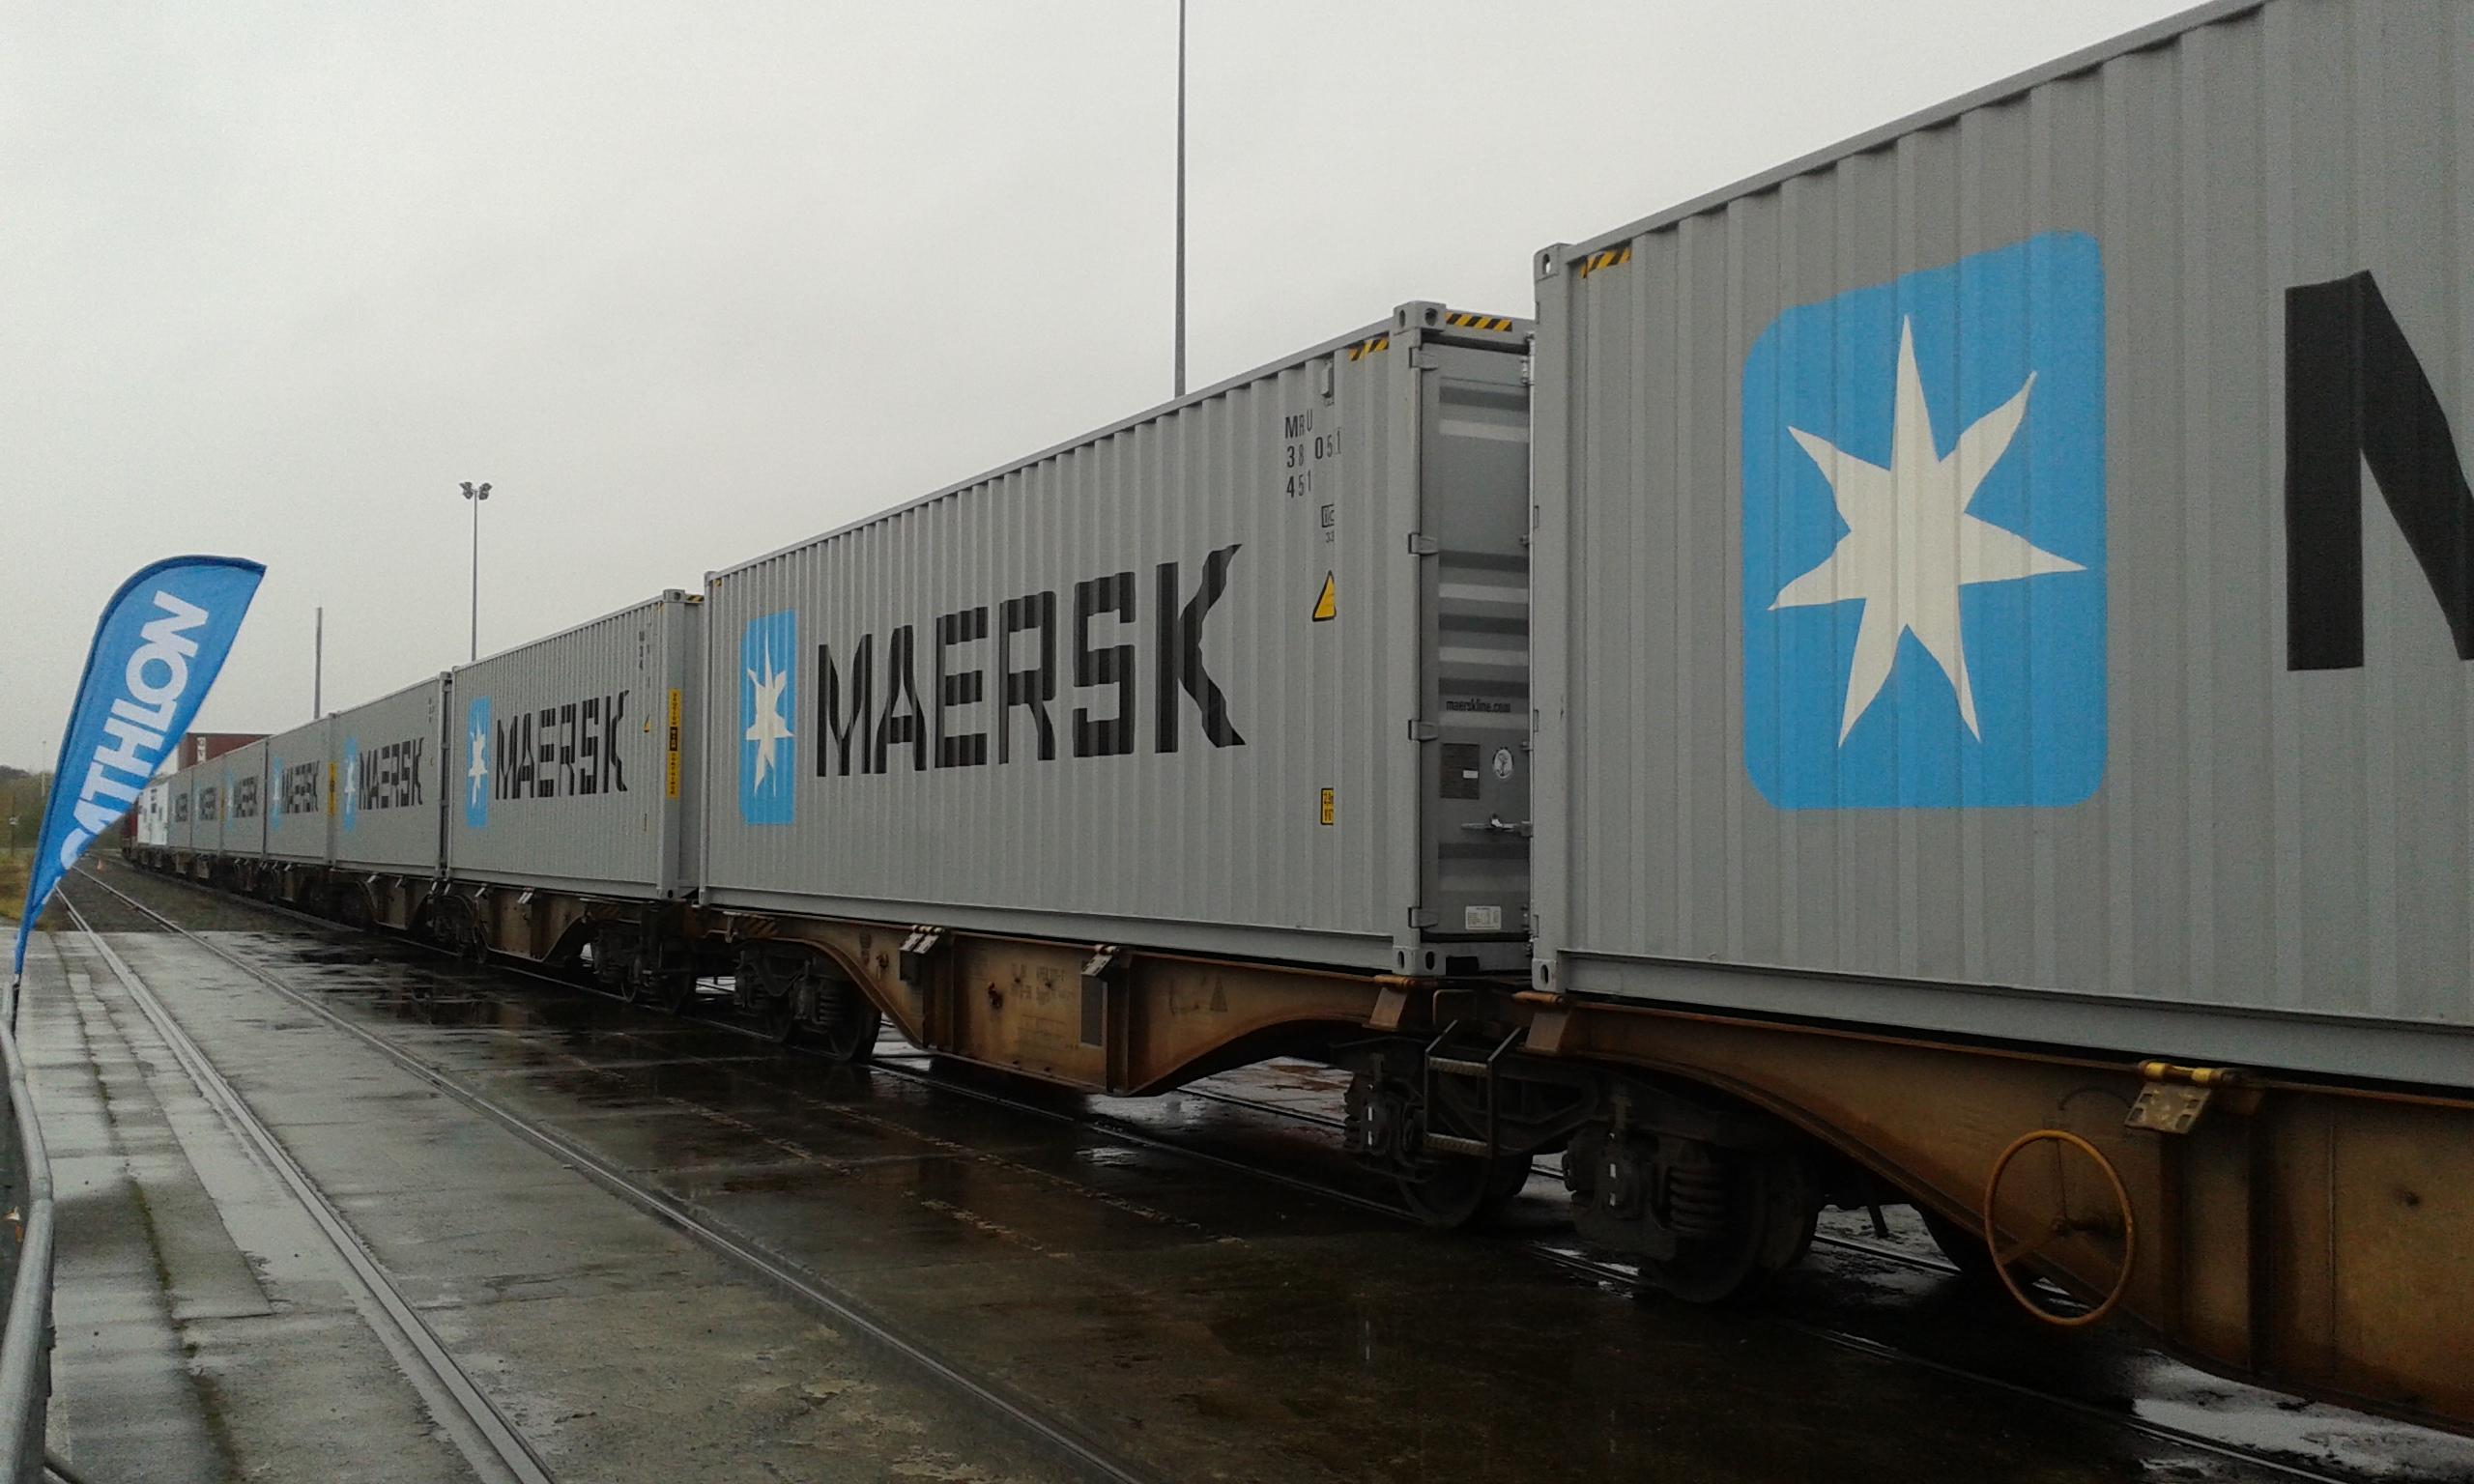 Maersk увеличиевает регулярность интермодального сервиса АЕ19 между Азией и Европой 1